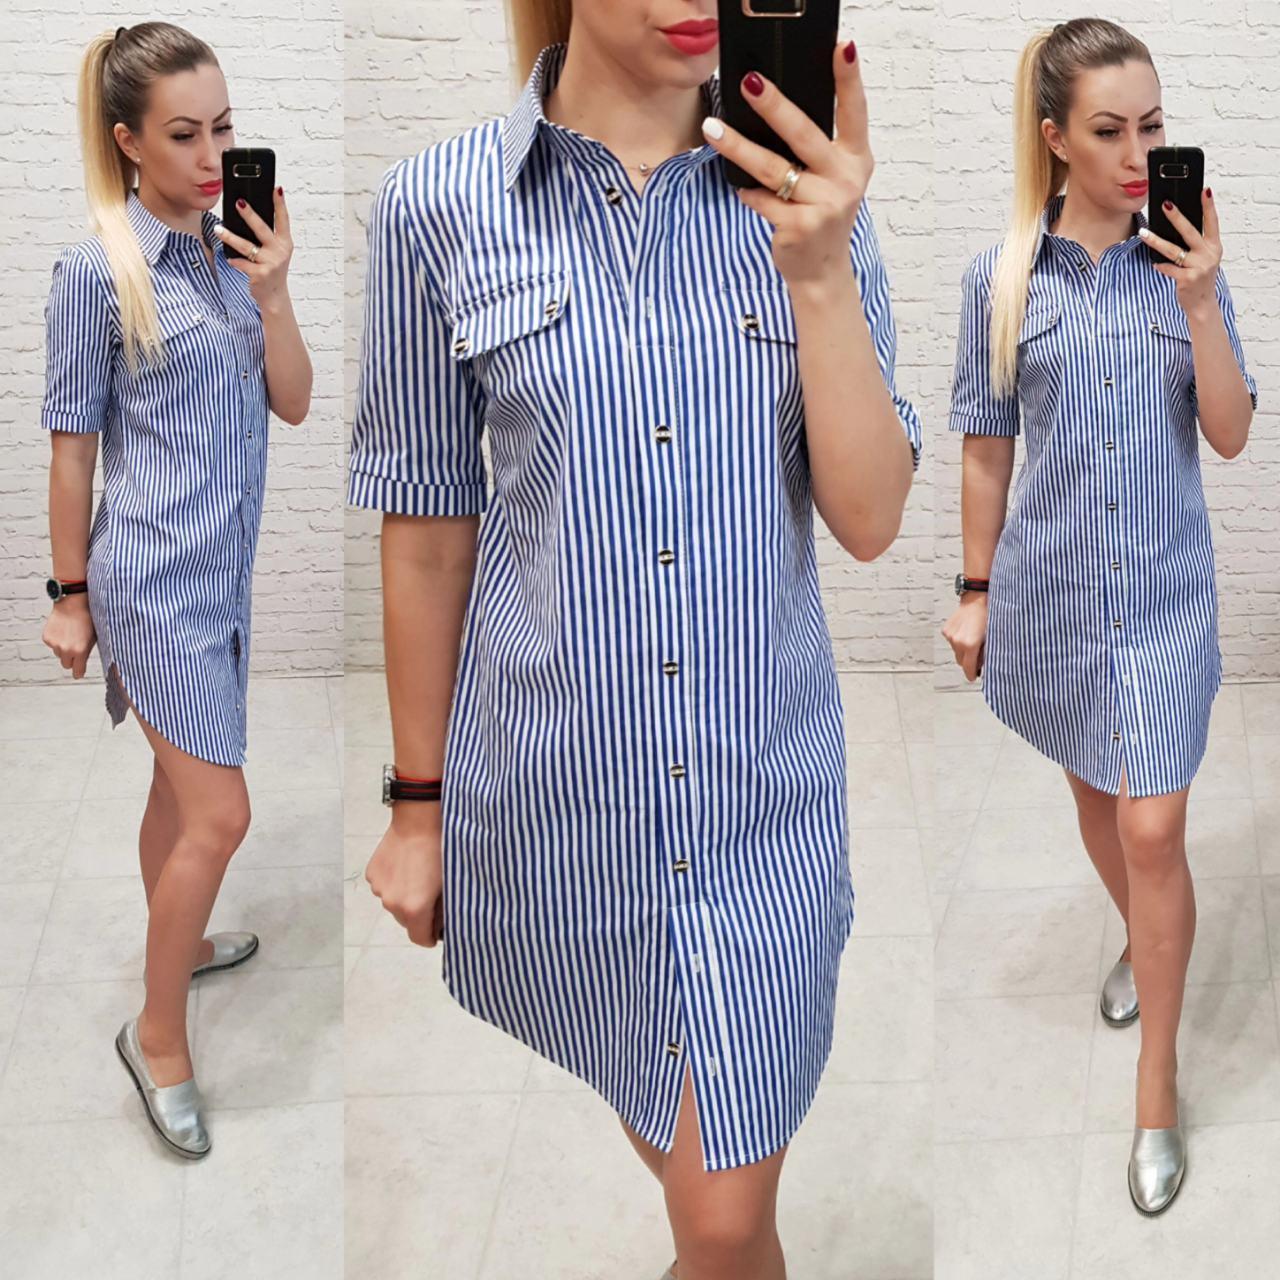 Платье-рубашка, модель 827, цвет - синий, принт - полоска